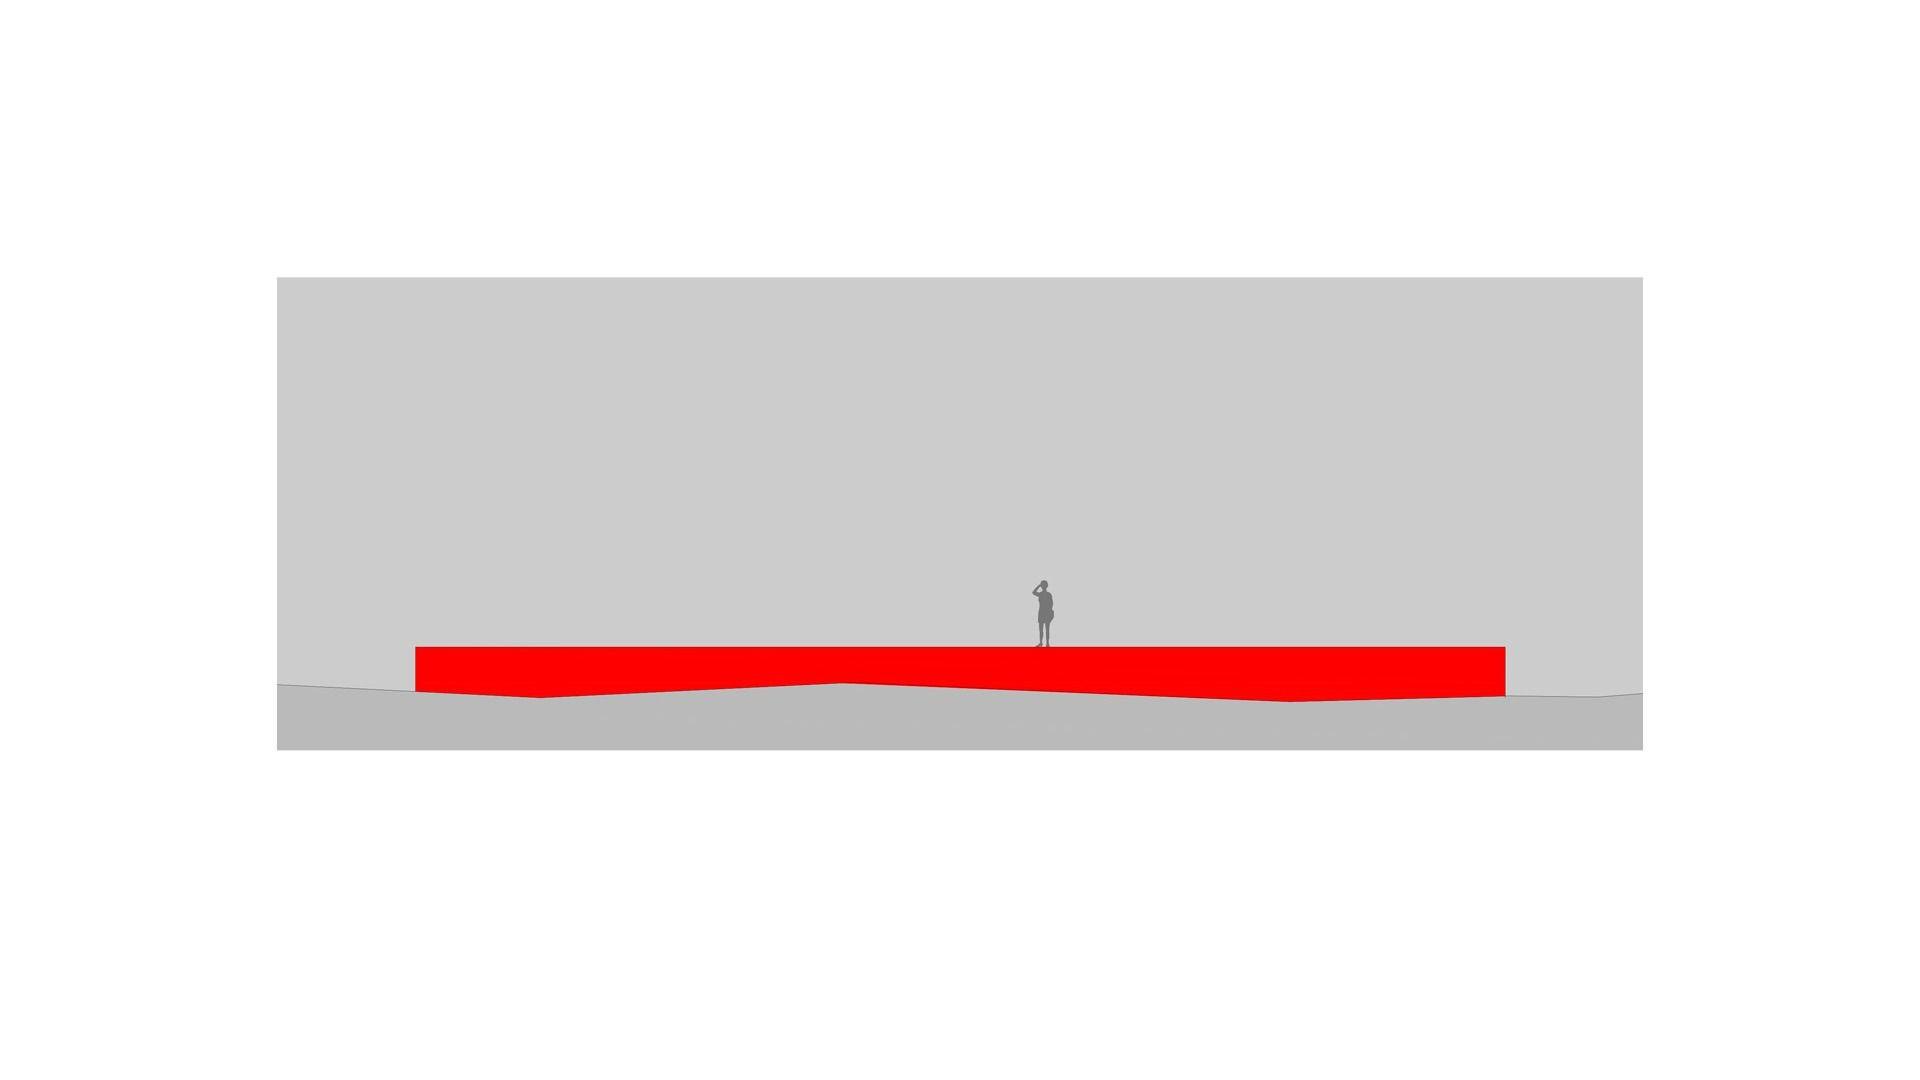 fundacao-ralston-semler-diagrama-plato